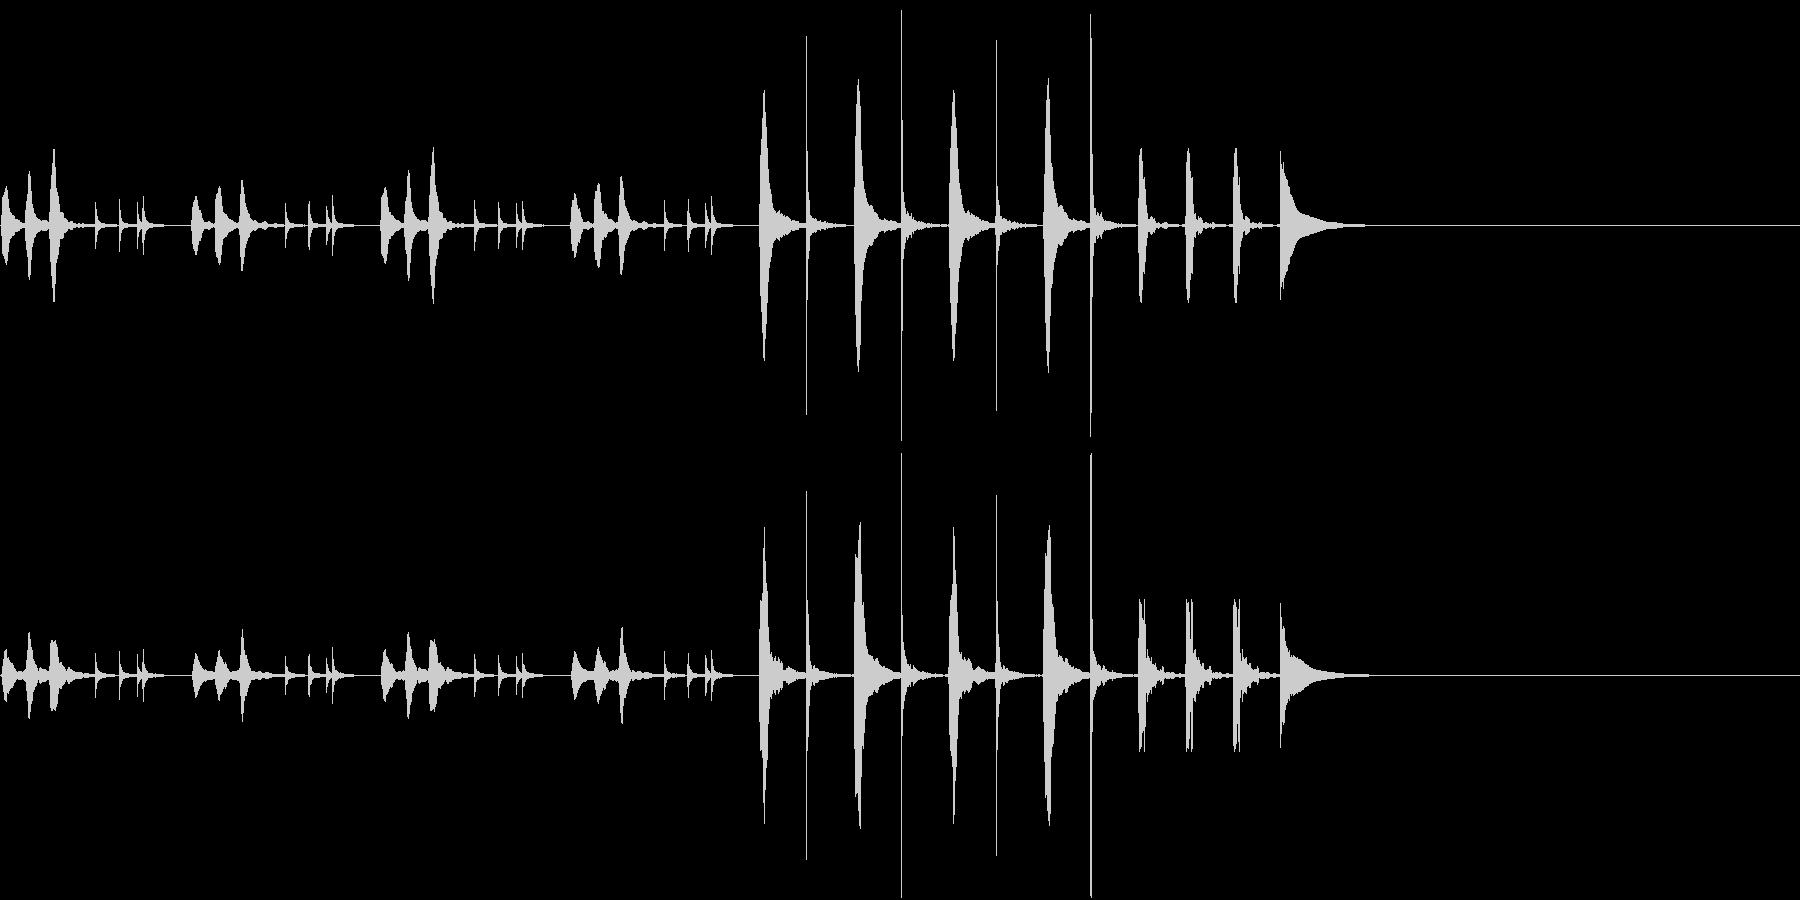 のんびりとしたような日常で流れるBGMの未再生の波形